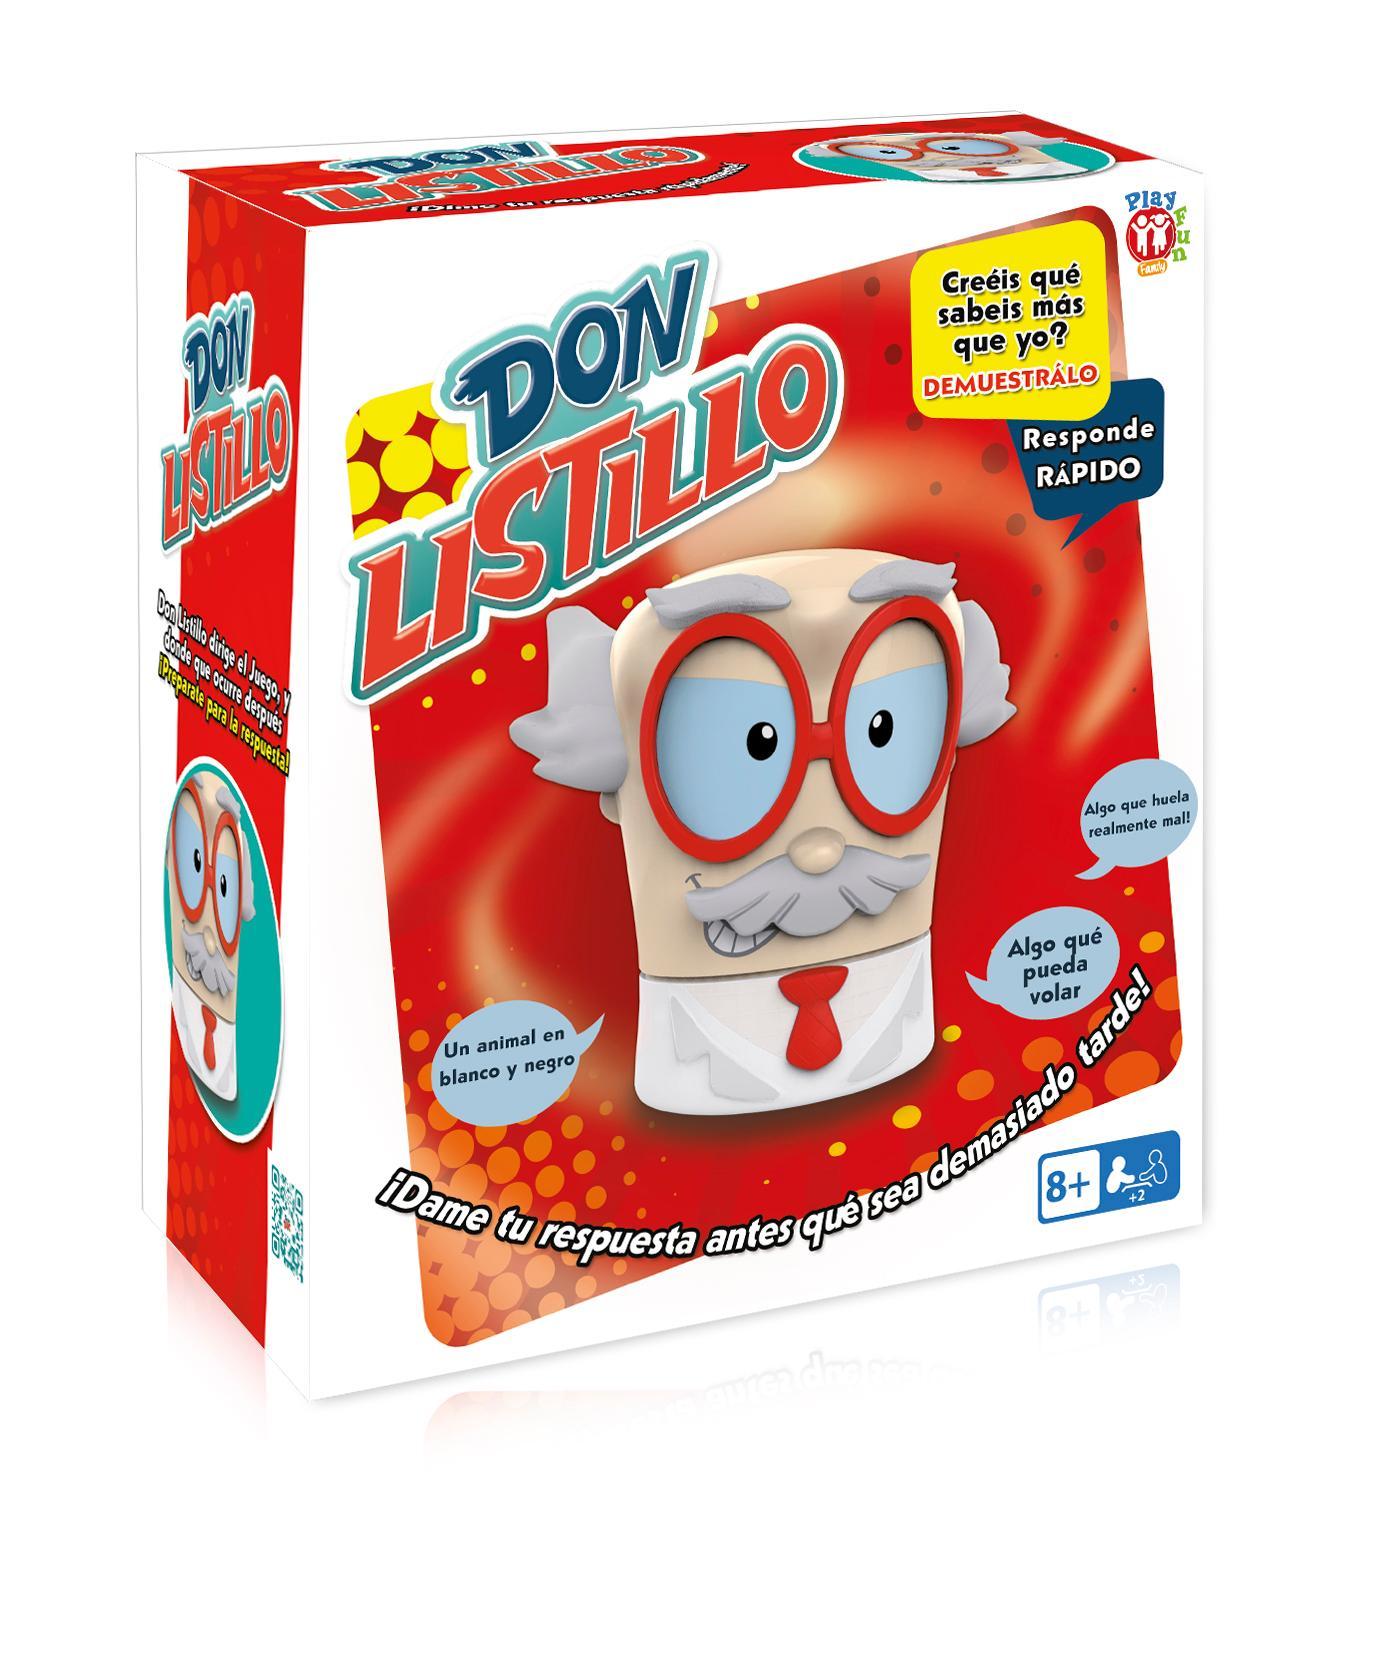 254992a46e IMC Toys - Don listillo (95236)  Amazon.es  Juguetes y juegos